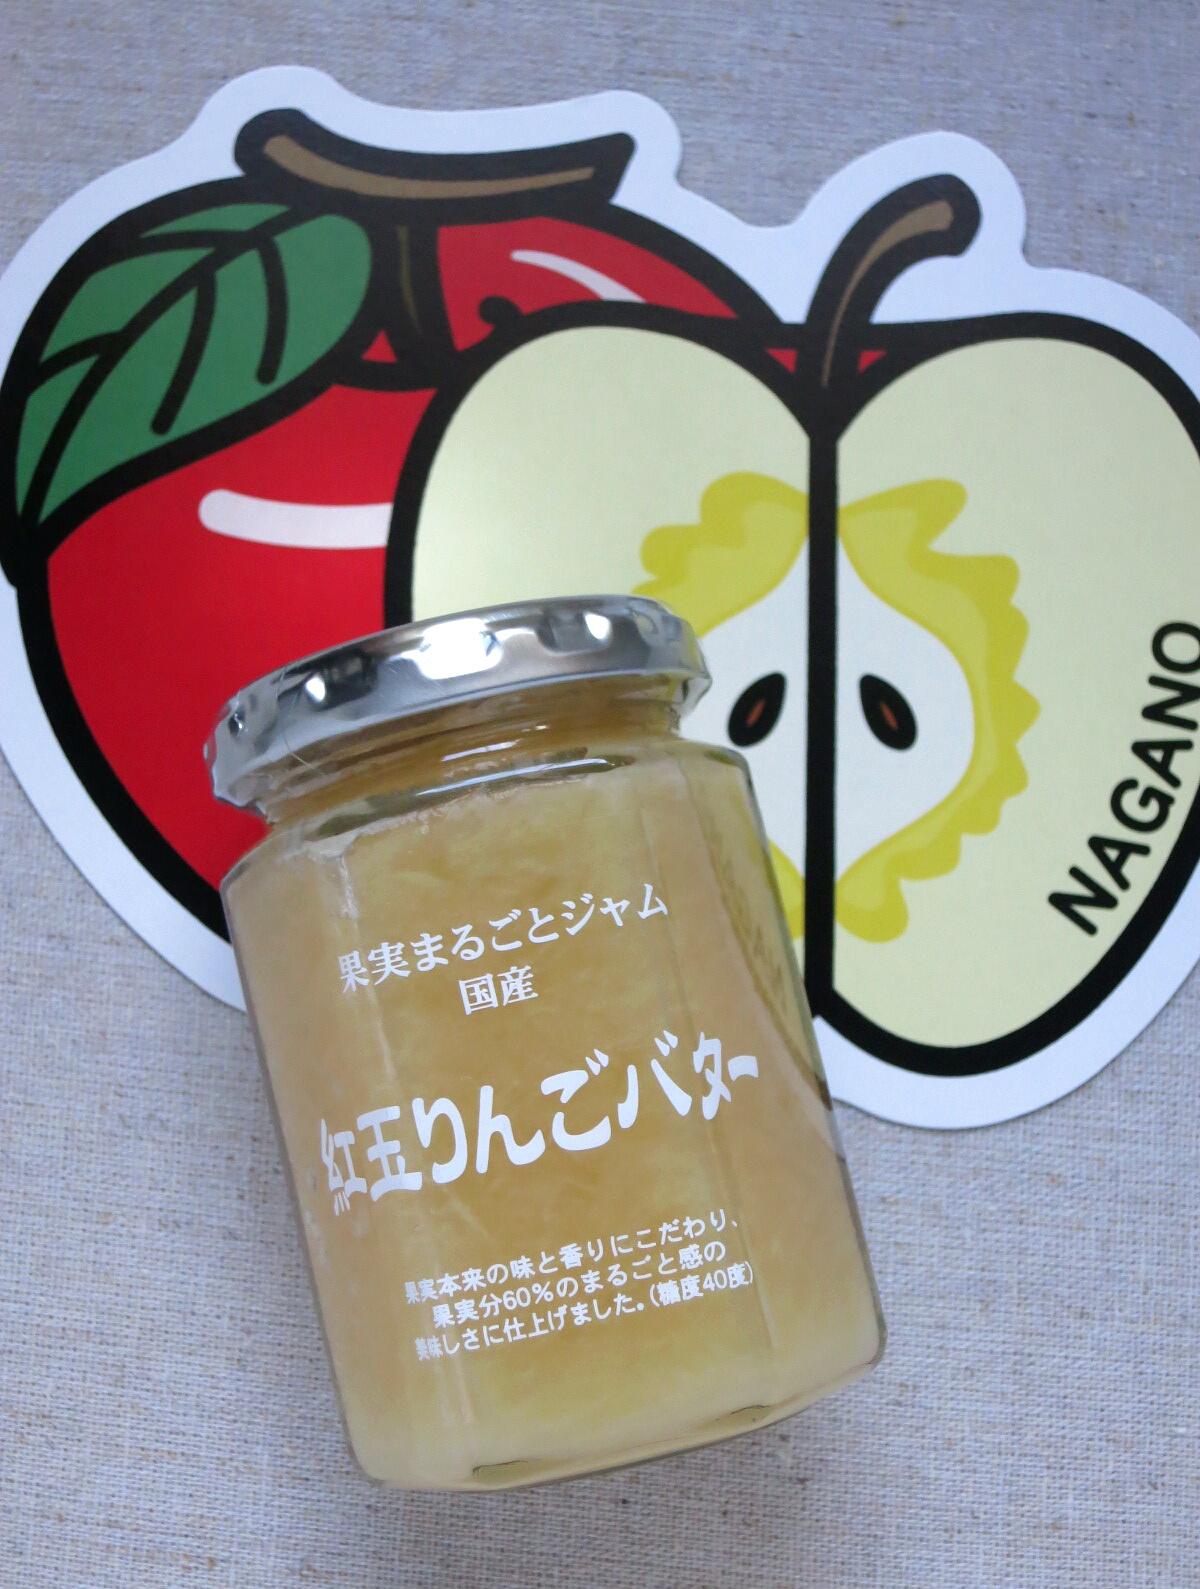 ツルヤ×カルビー☆りんごバターポテトチップス 食べてみました!_f0236260_17205469.jpg